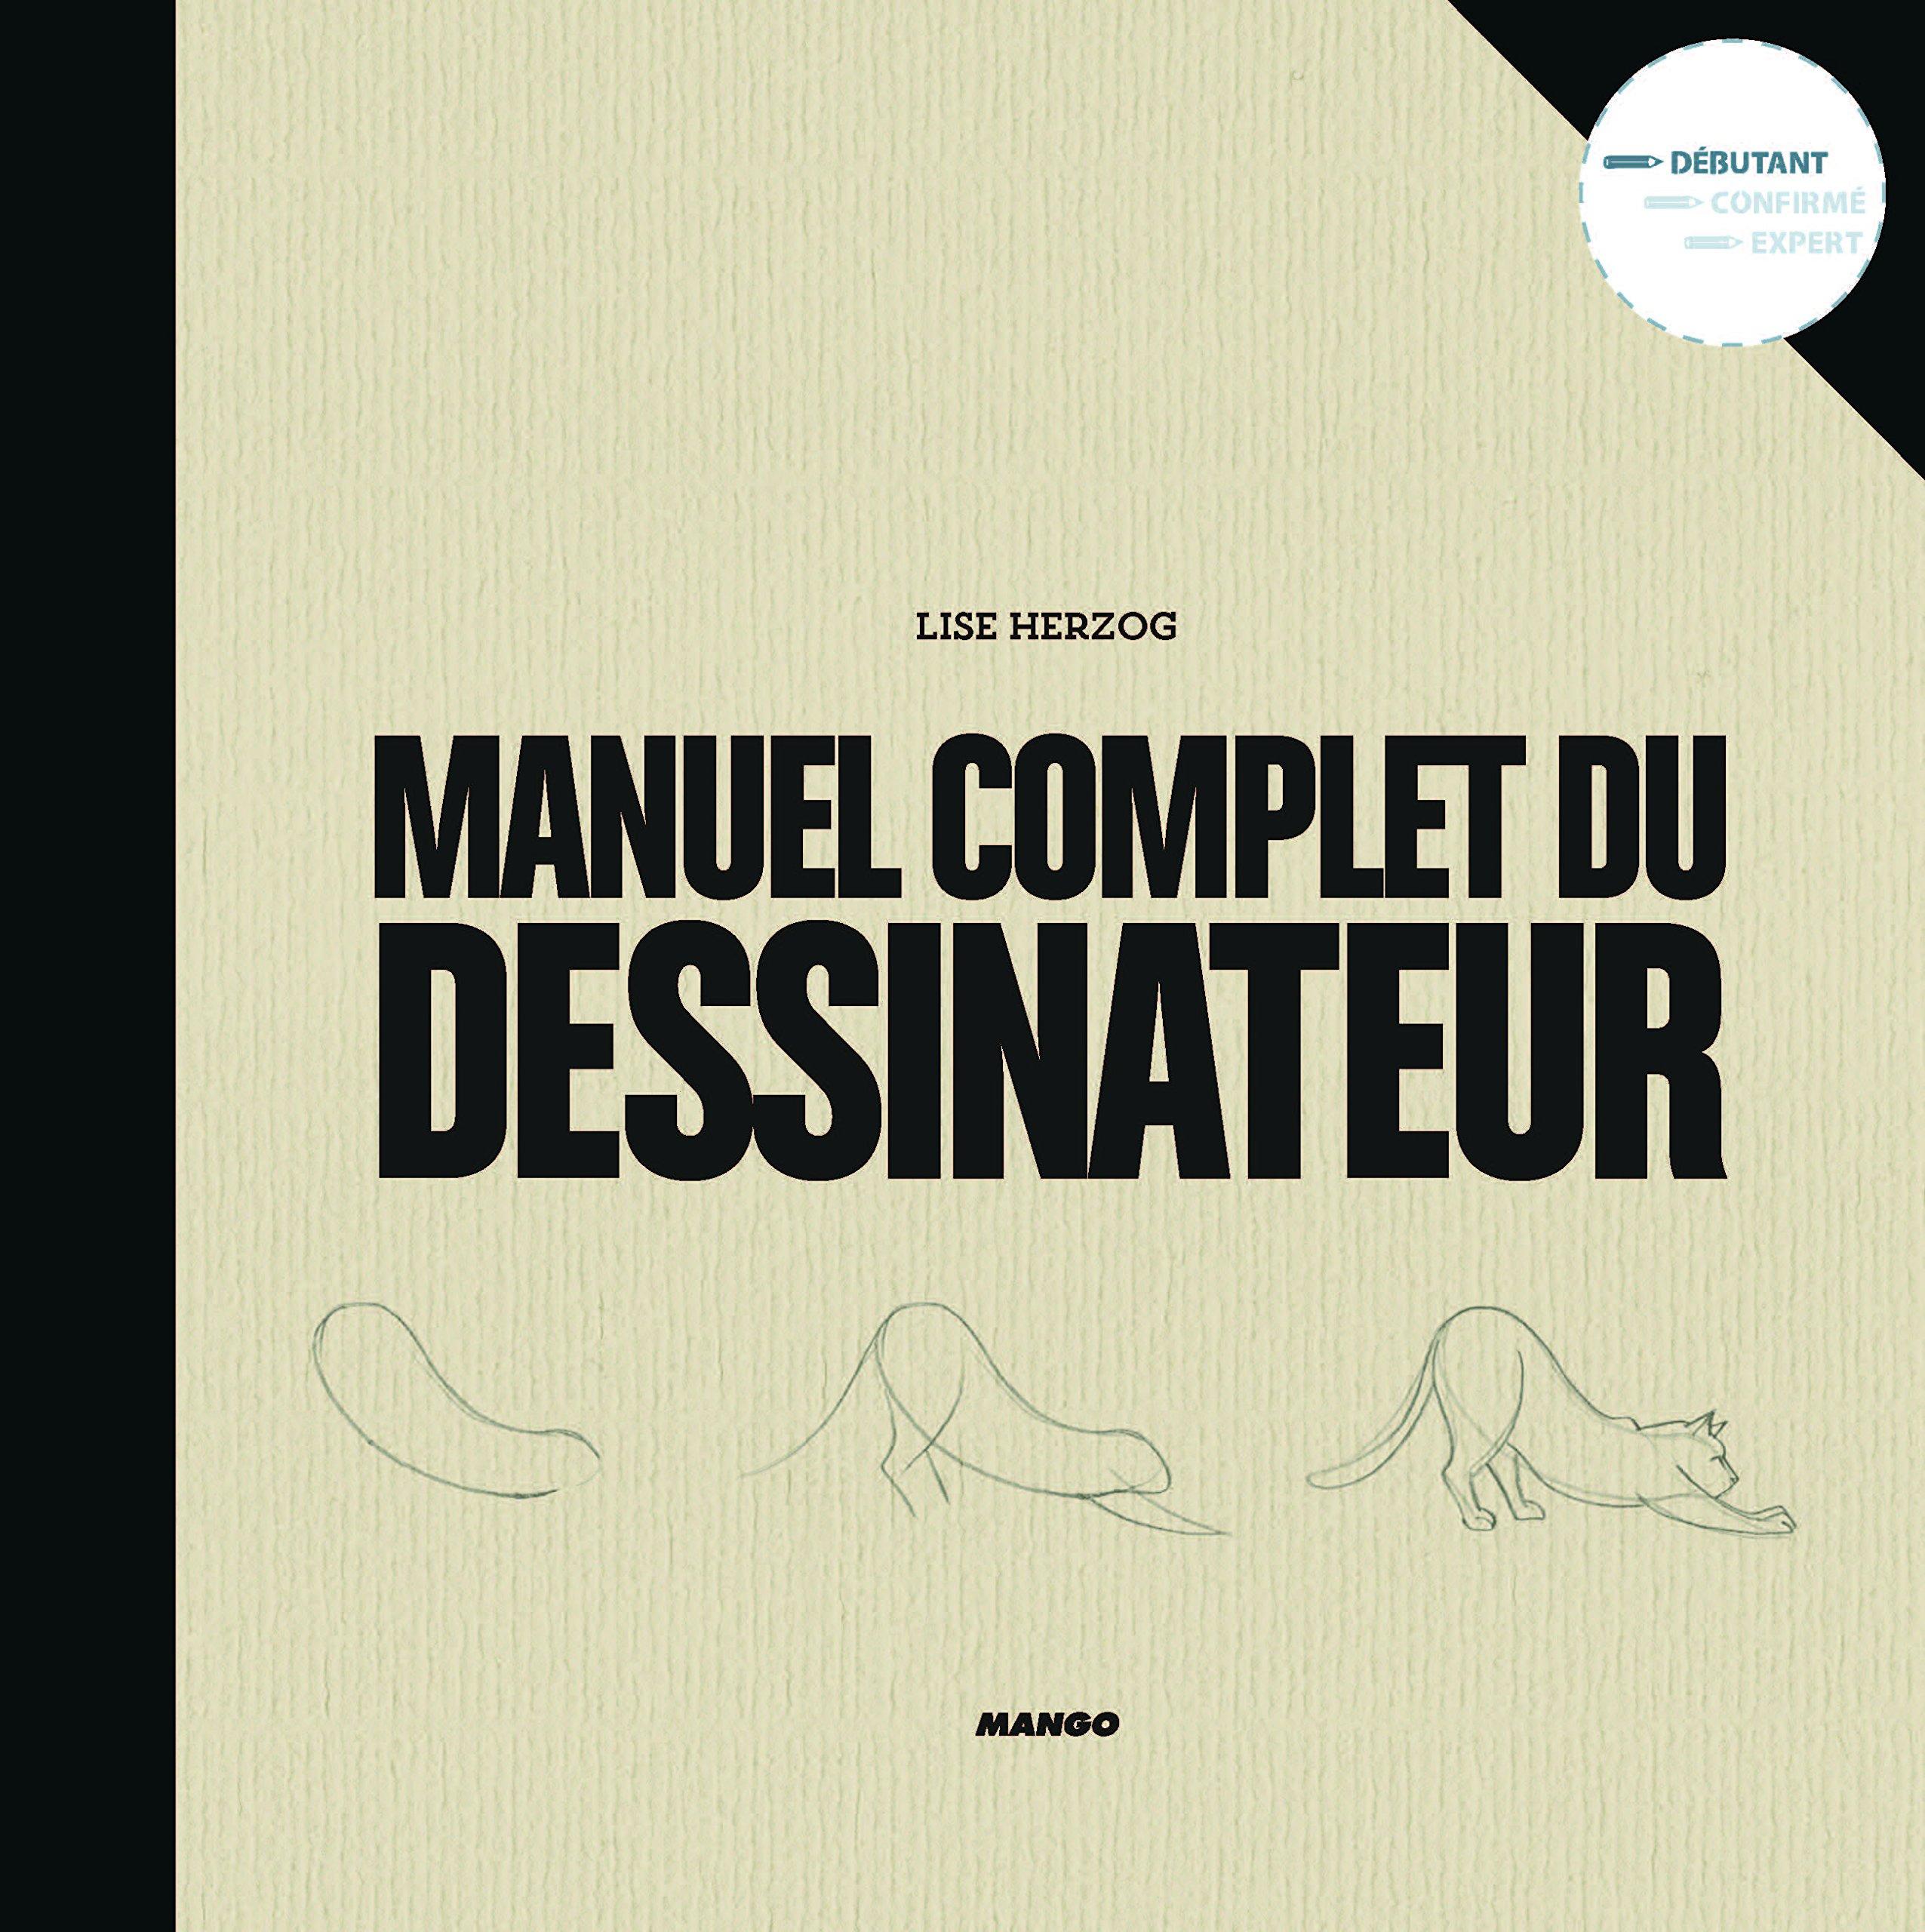 Le Manuel Complet du Dessinateur por Lise Herzog